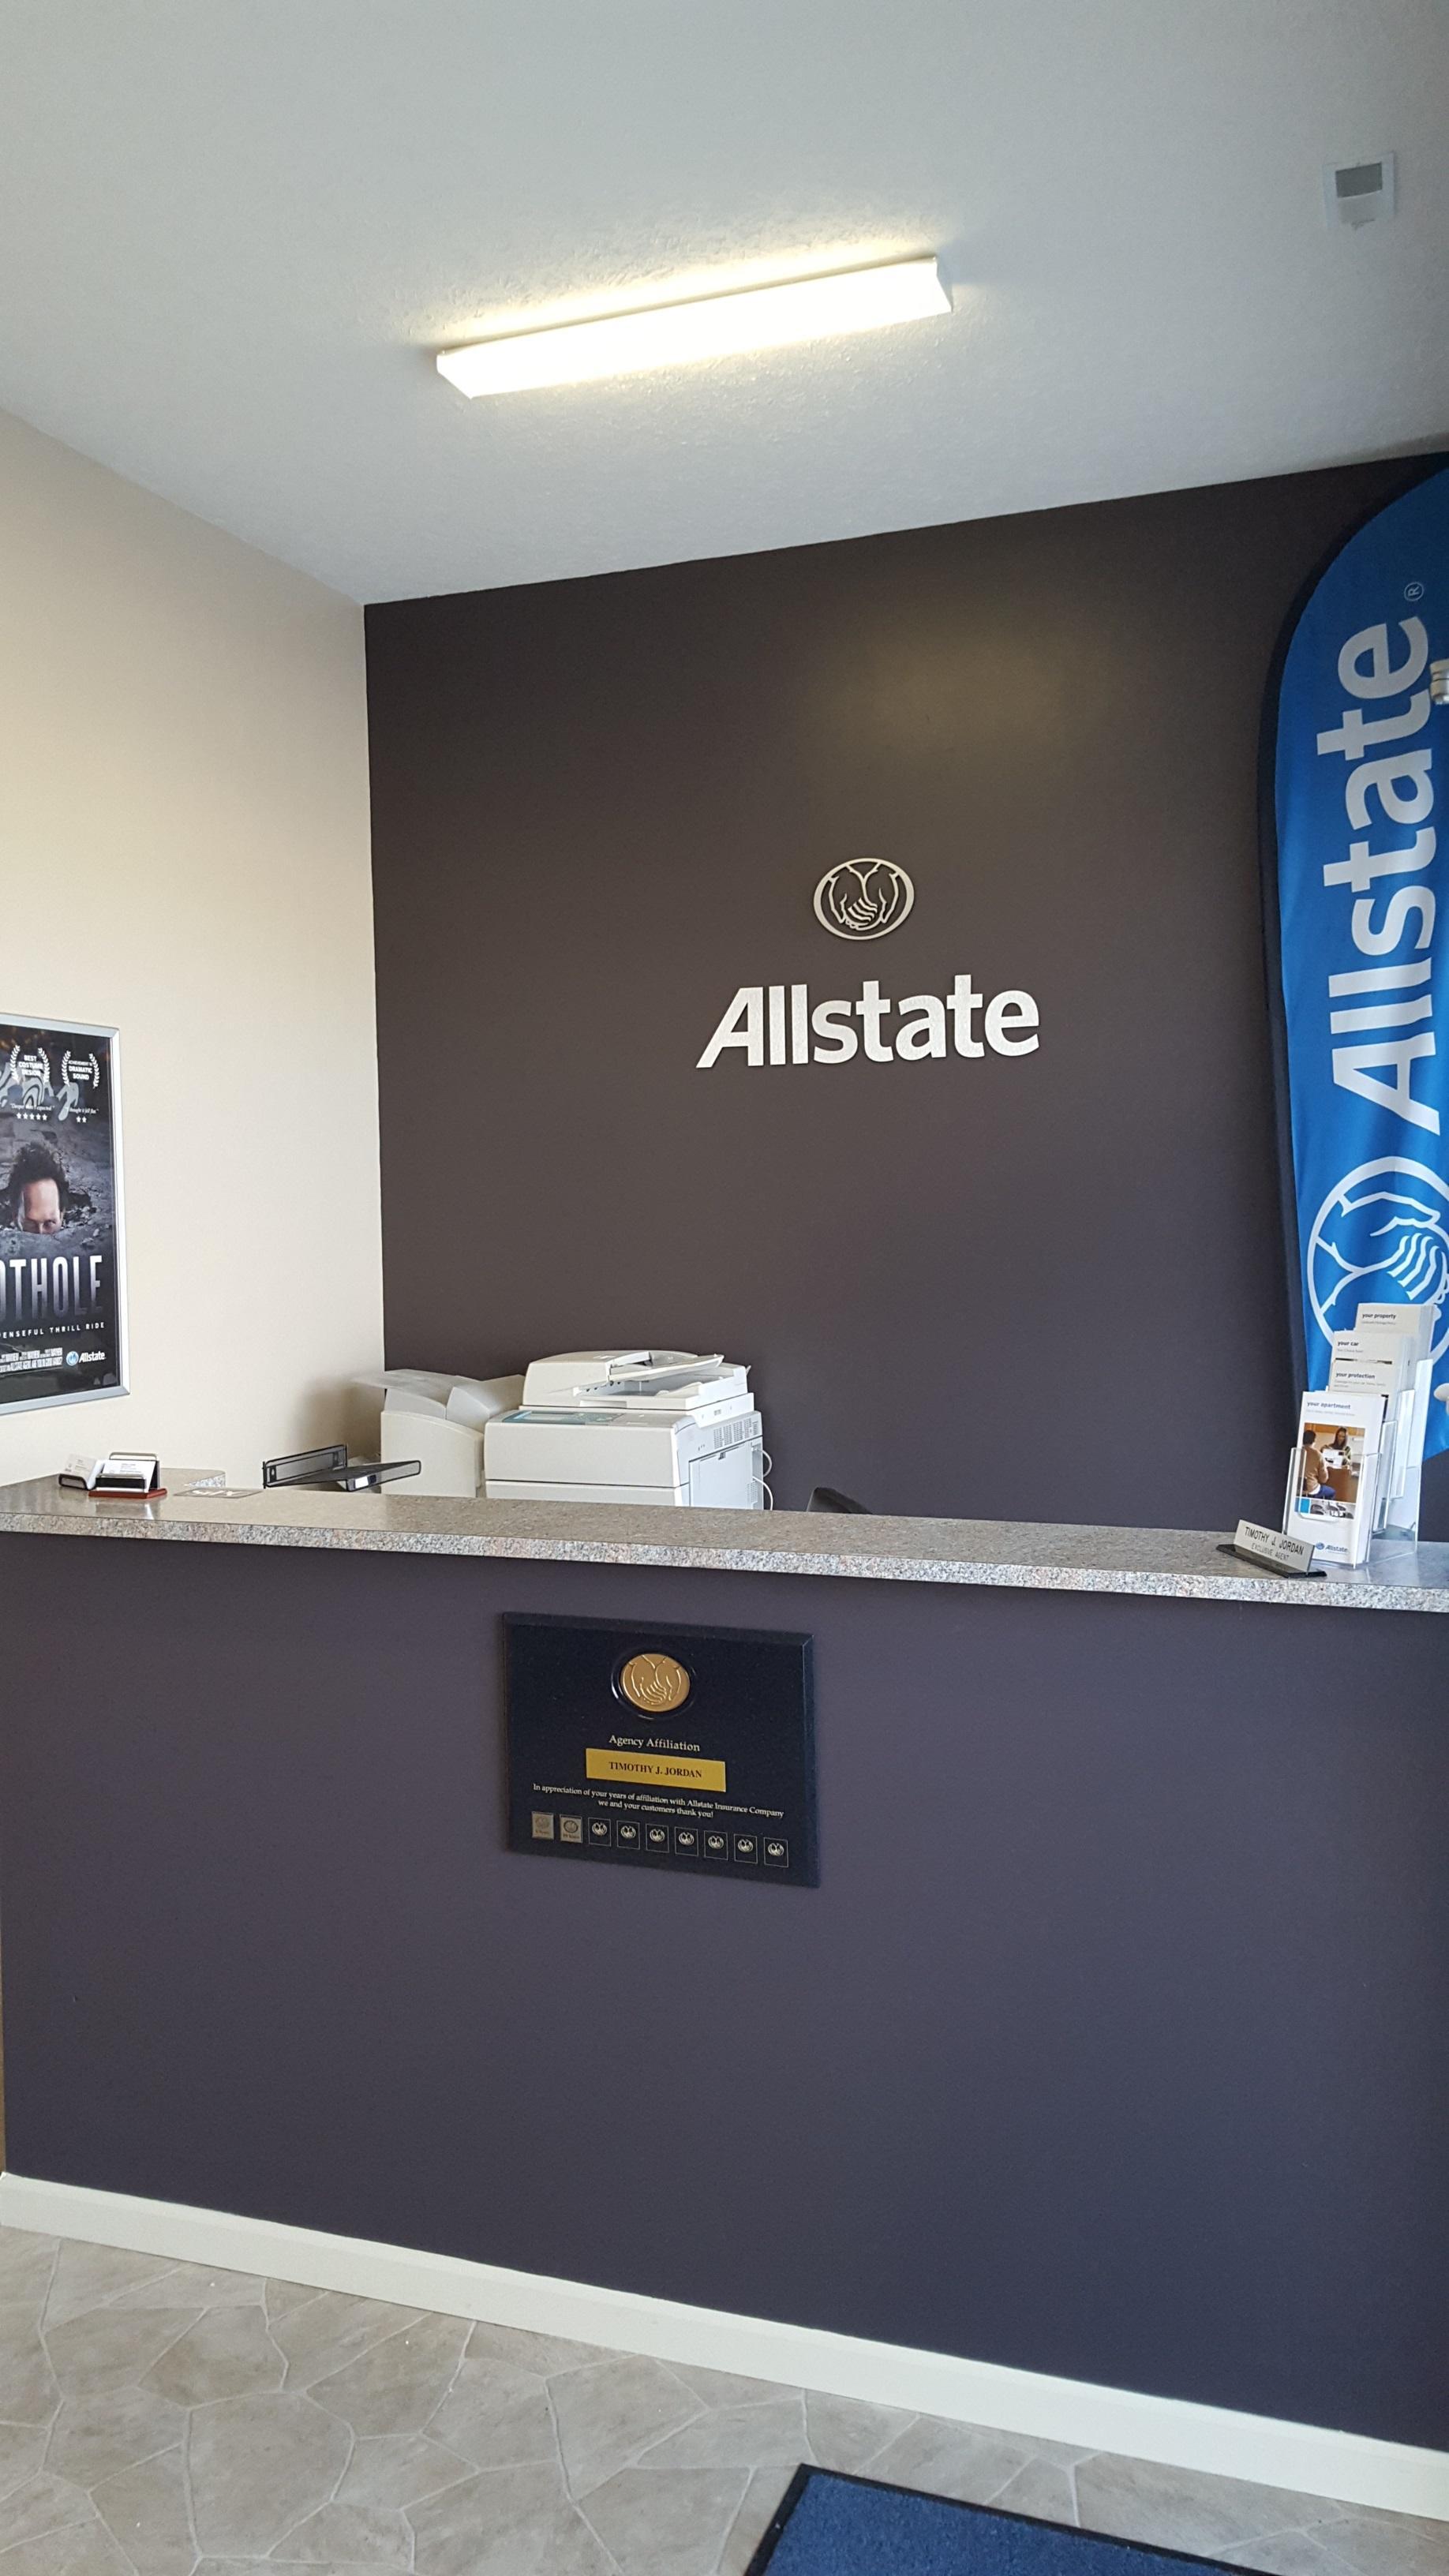 Allstate Insurance Agent: Timothy J. Jordan